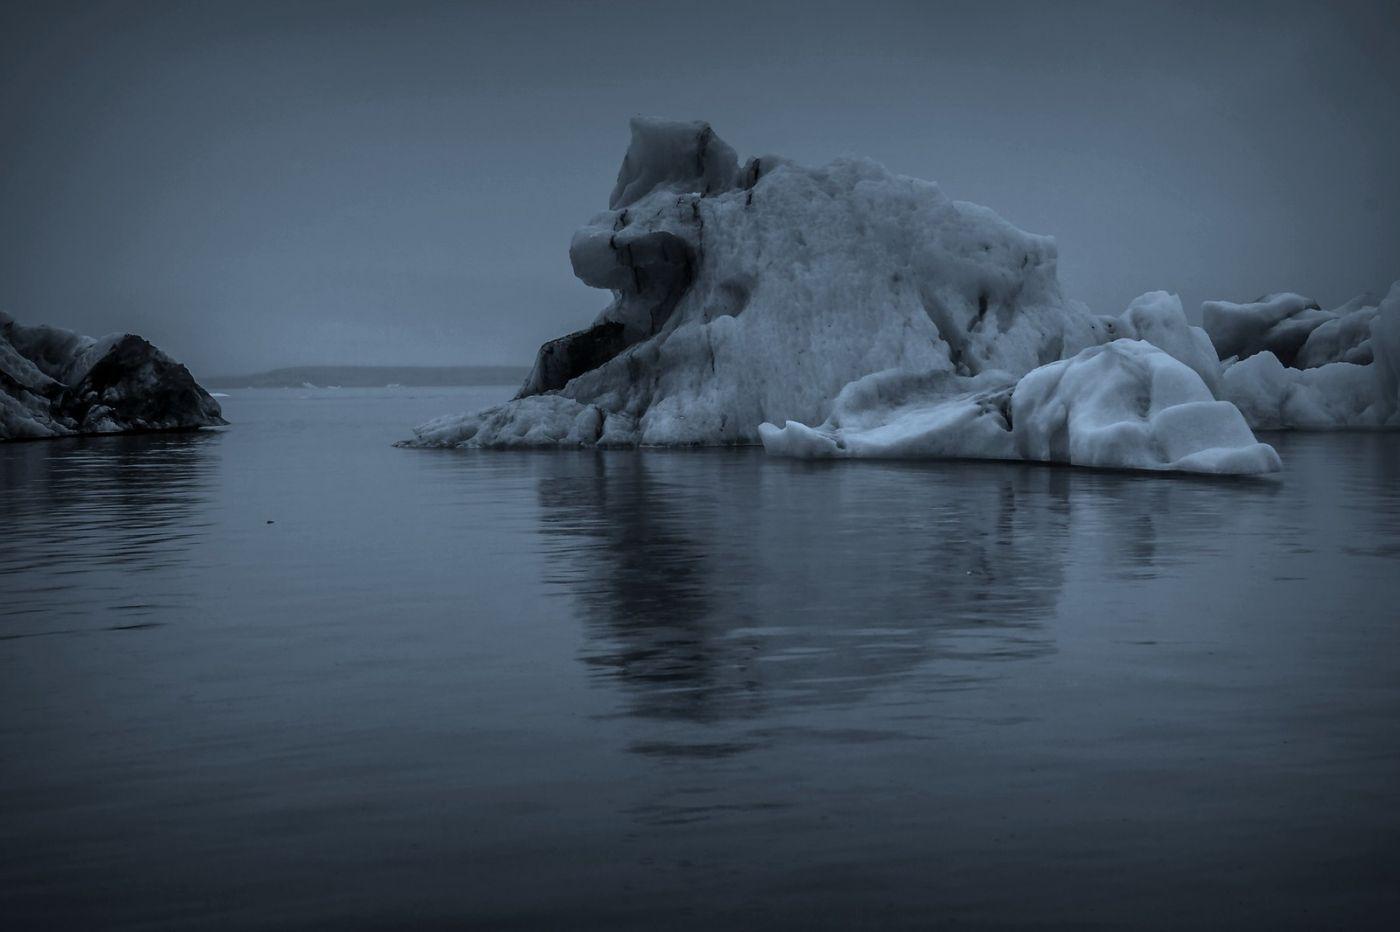 冰岛冰川泻湖(Glacier Lagoon), 湖面上冰川_图1-5